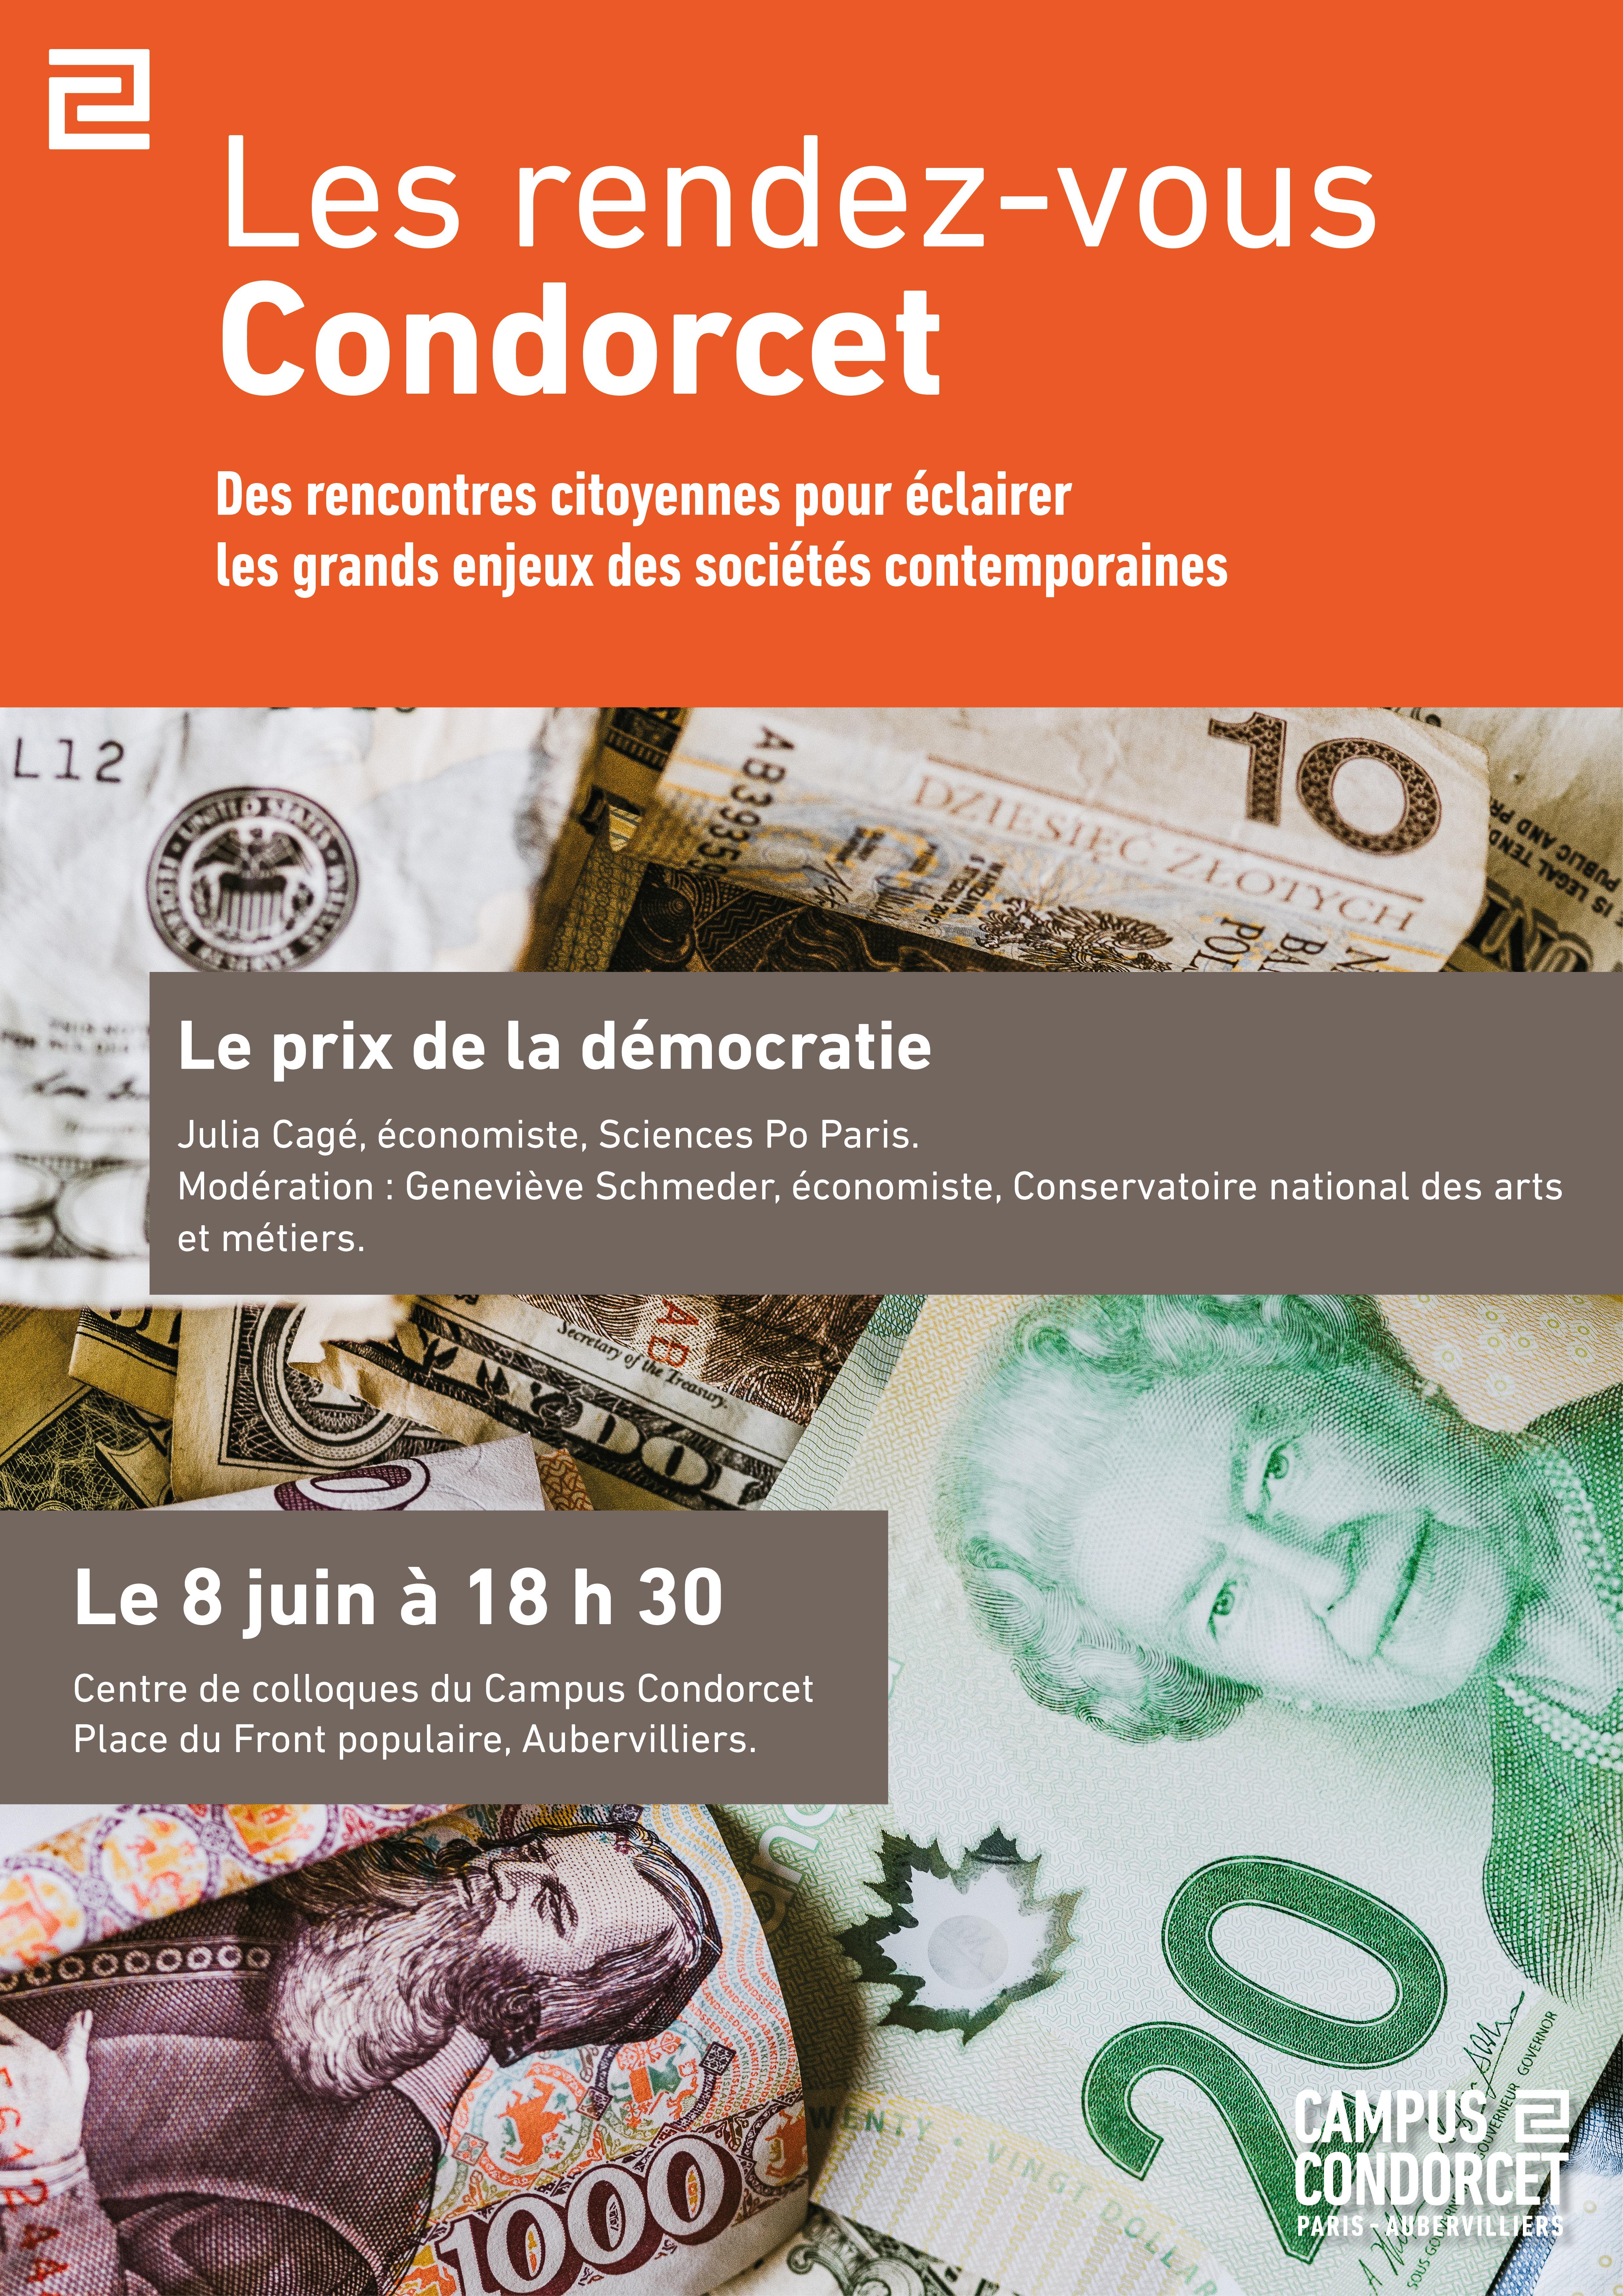 Le prix de la démocratie, Julia Cagé, économiste